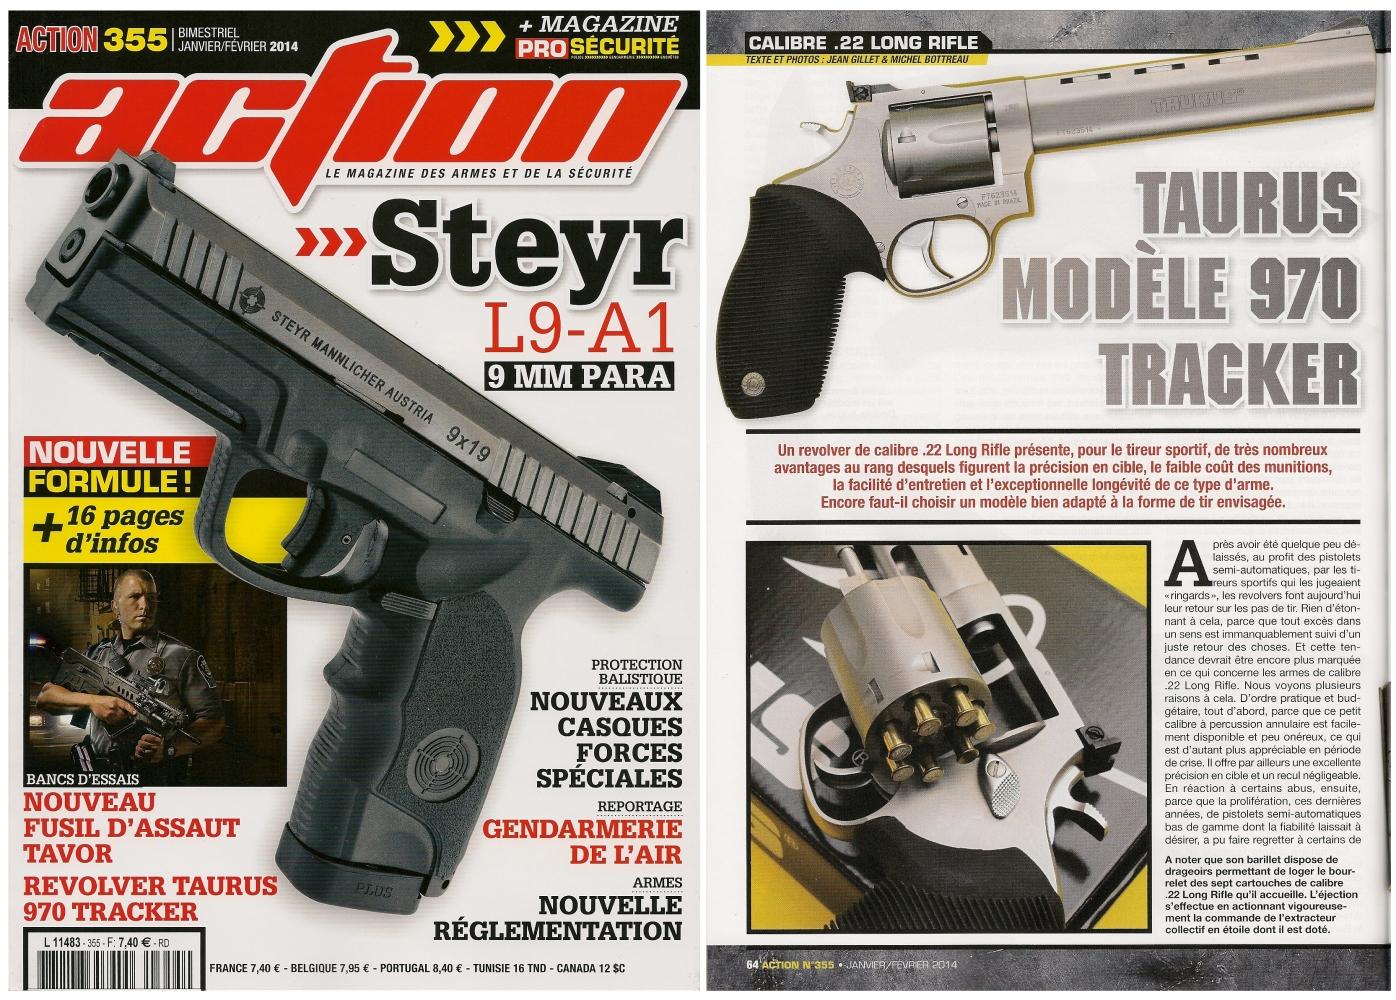 Le banc d'essai du revolver Taurus 970 Tracker a été publié sur 6 pages dans le magazine Action n°355 (janvier-février 2014)